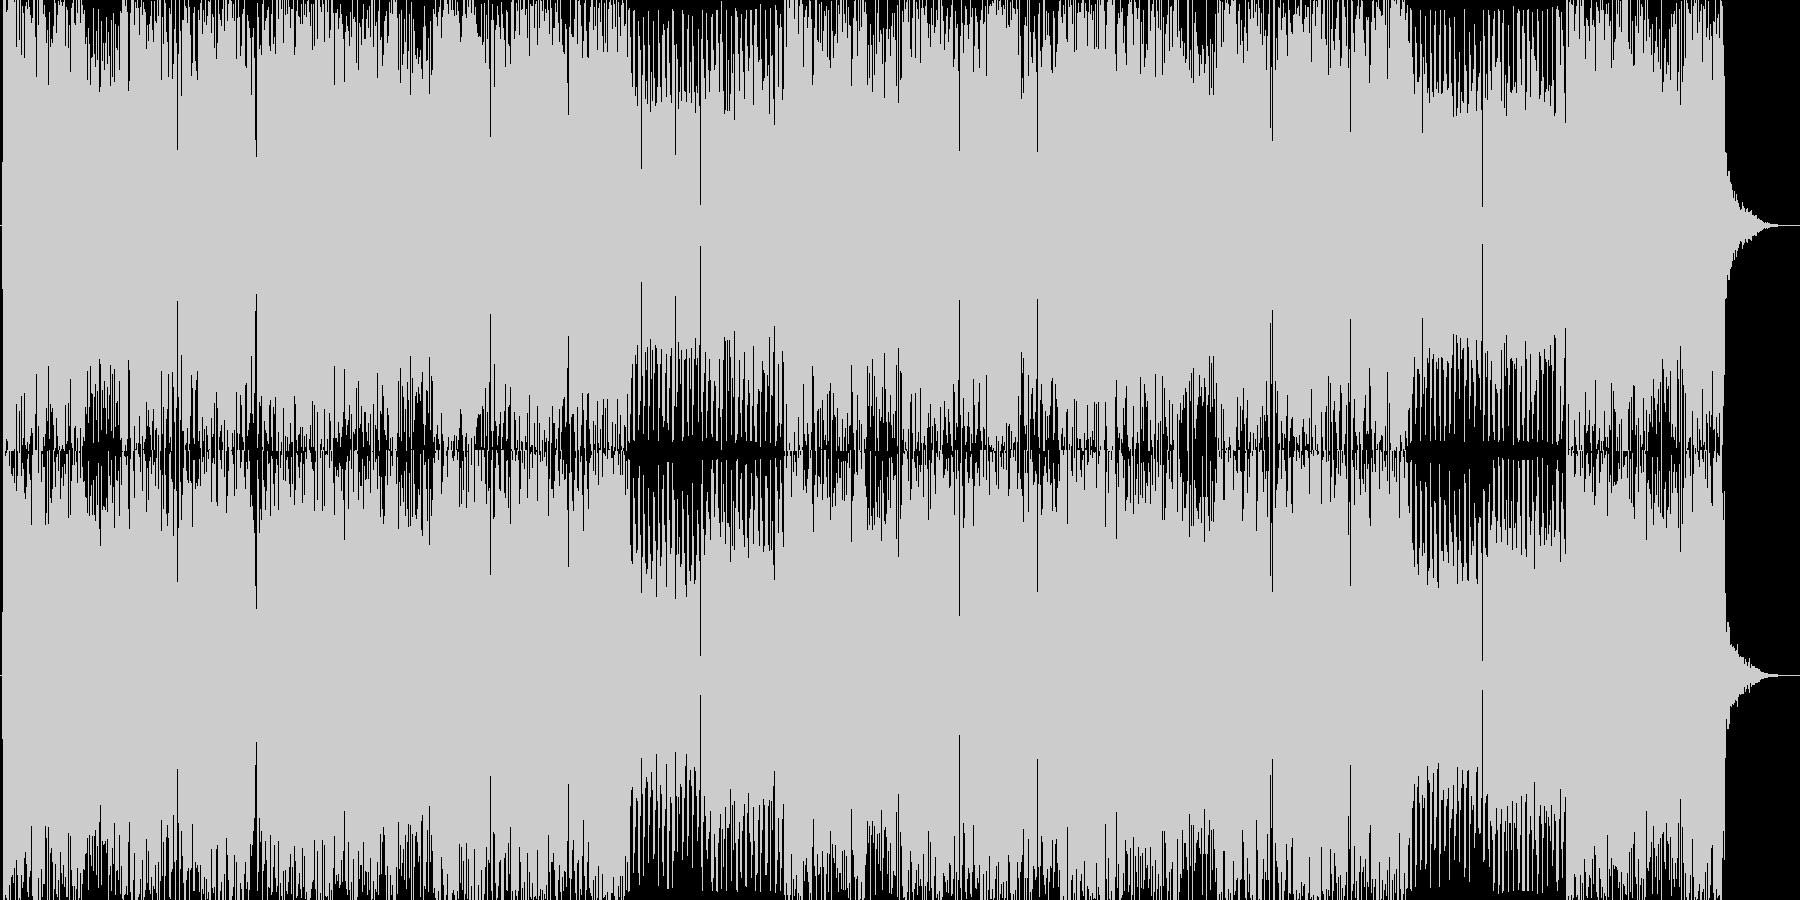 とにかく激しいエレクトロなDUBSTEPの未再生の波形